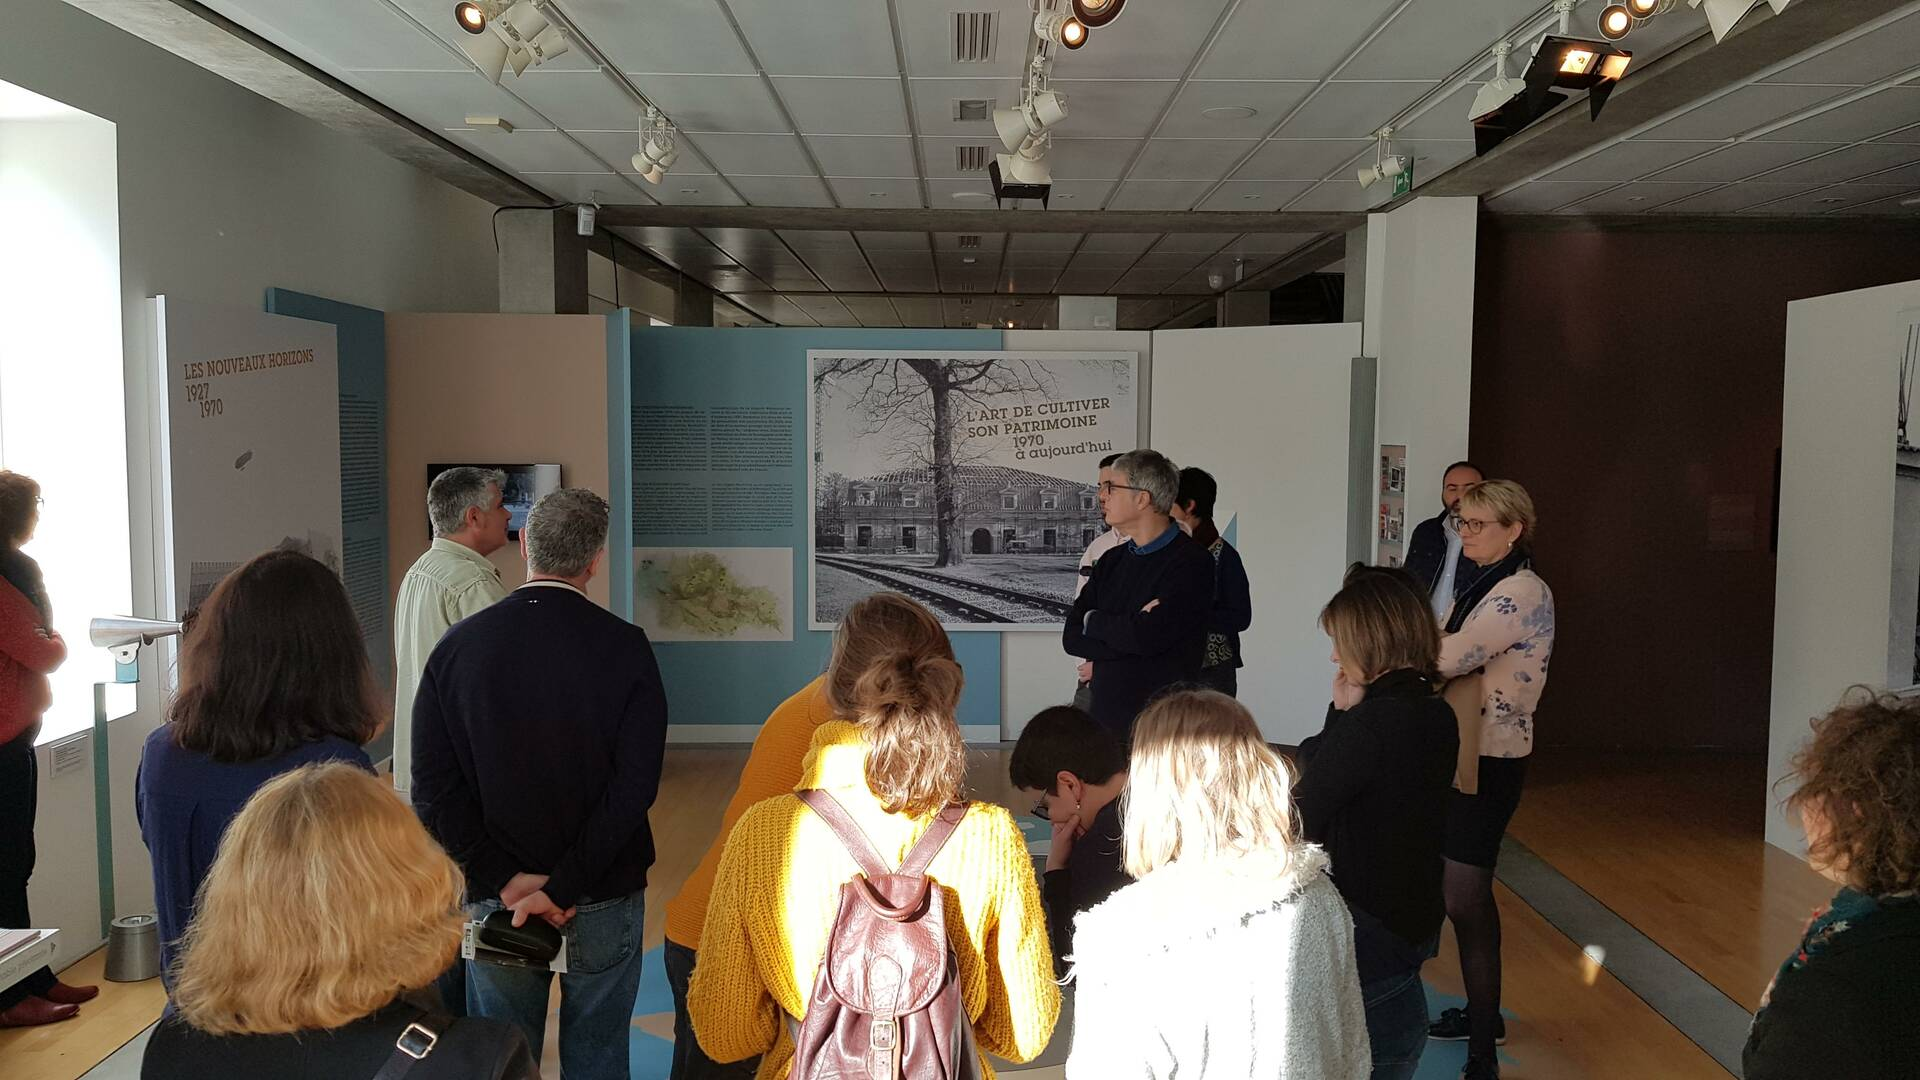 La 2e pièce invite les visiteurs à comprendre l'évolution de la ville depuis le XVIIIe siècle - © OT Rochefort Océan